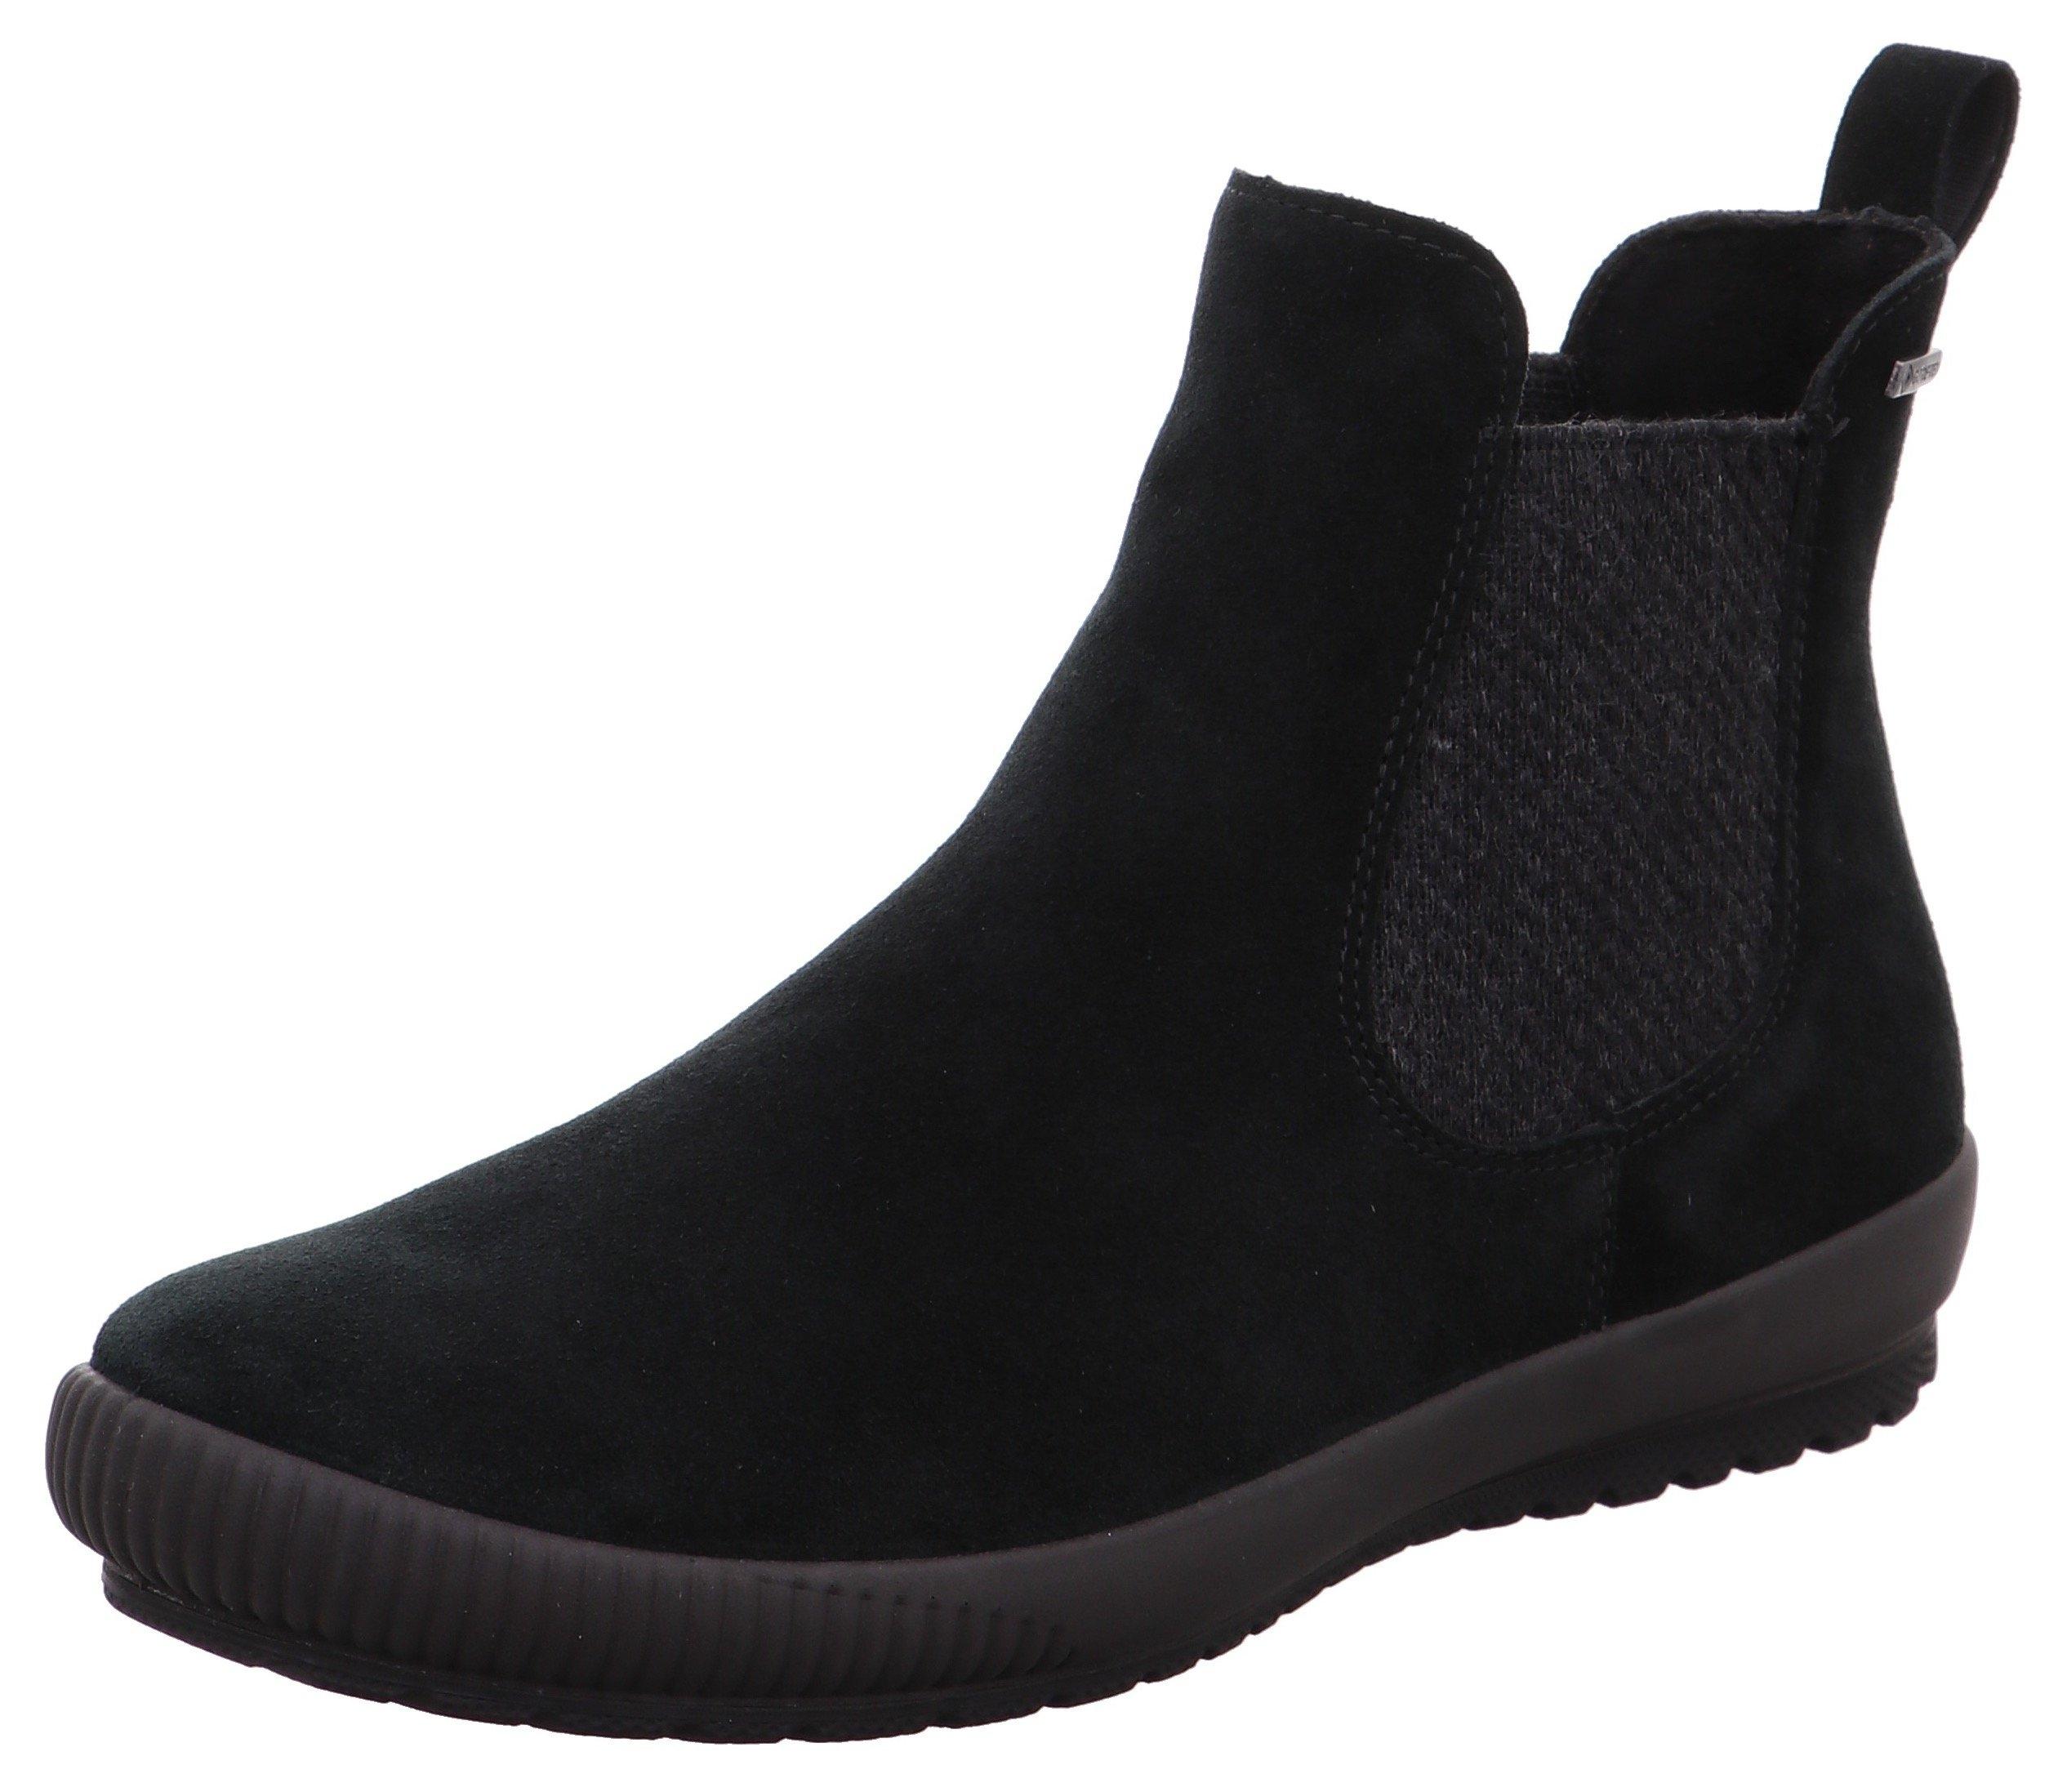 Legero Chelsea-boots TANARO 4.0 CHELSEA B voordelig en veilig online kopen